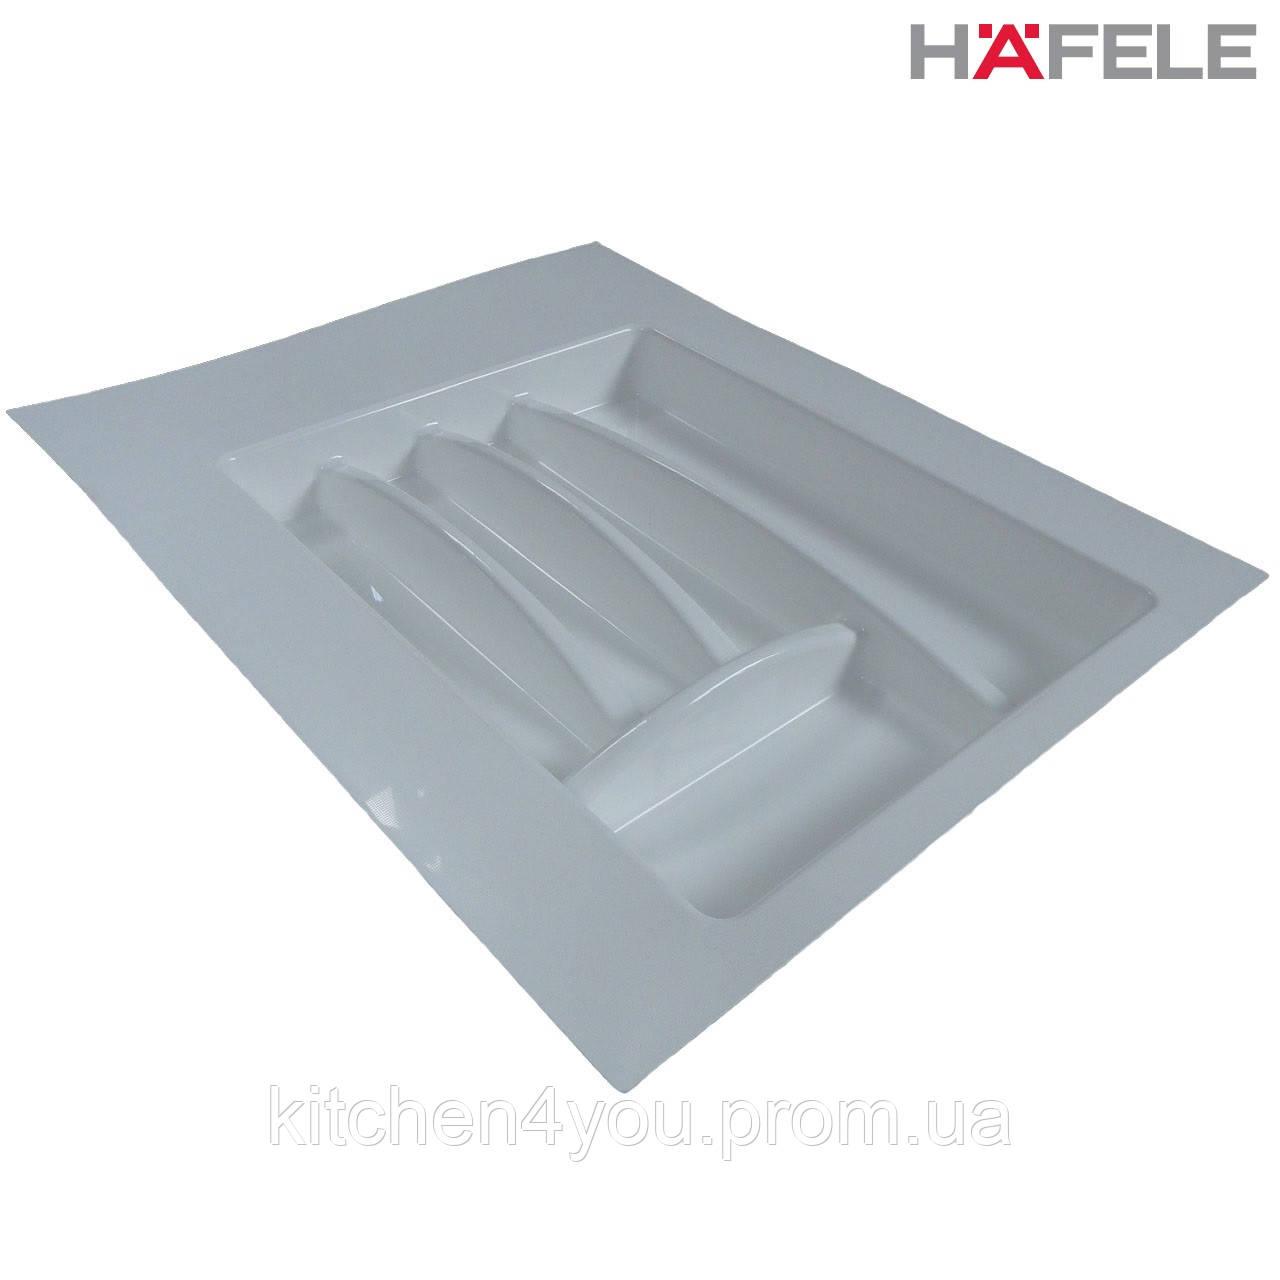 Лоток для столовых приборов белый Hafele (Германия) в ящик 400-450 мм. 402х498